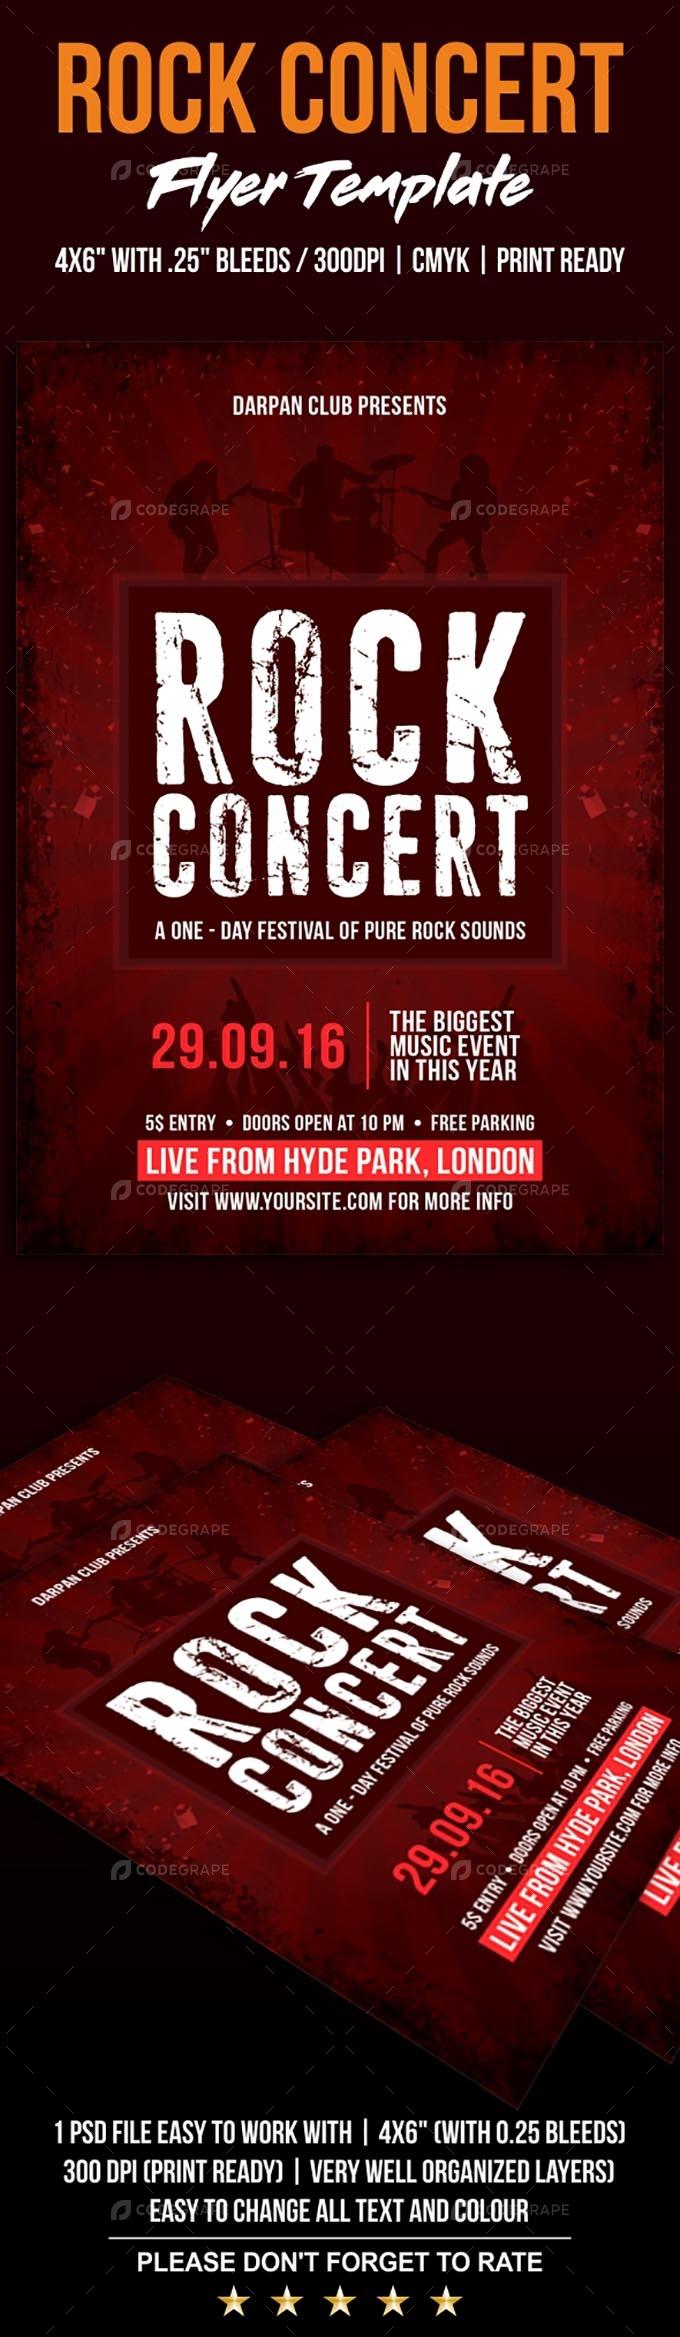 Rock Concert Flyer